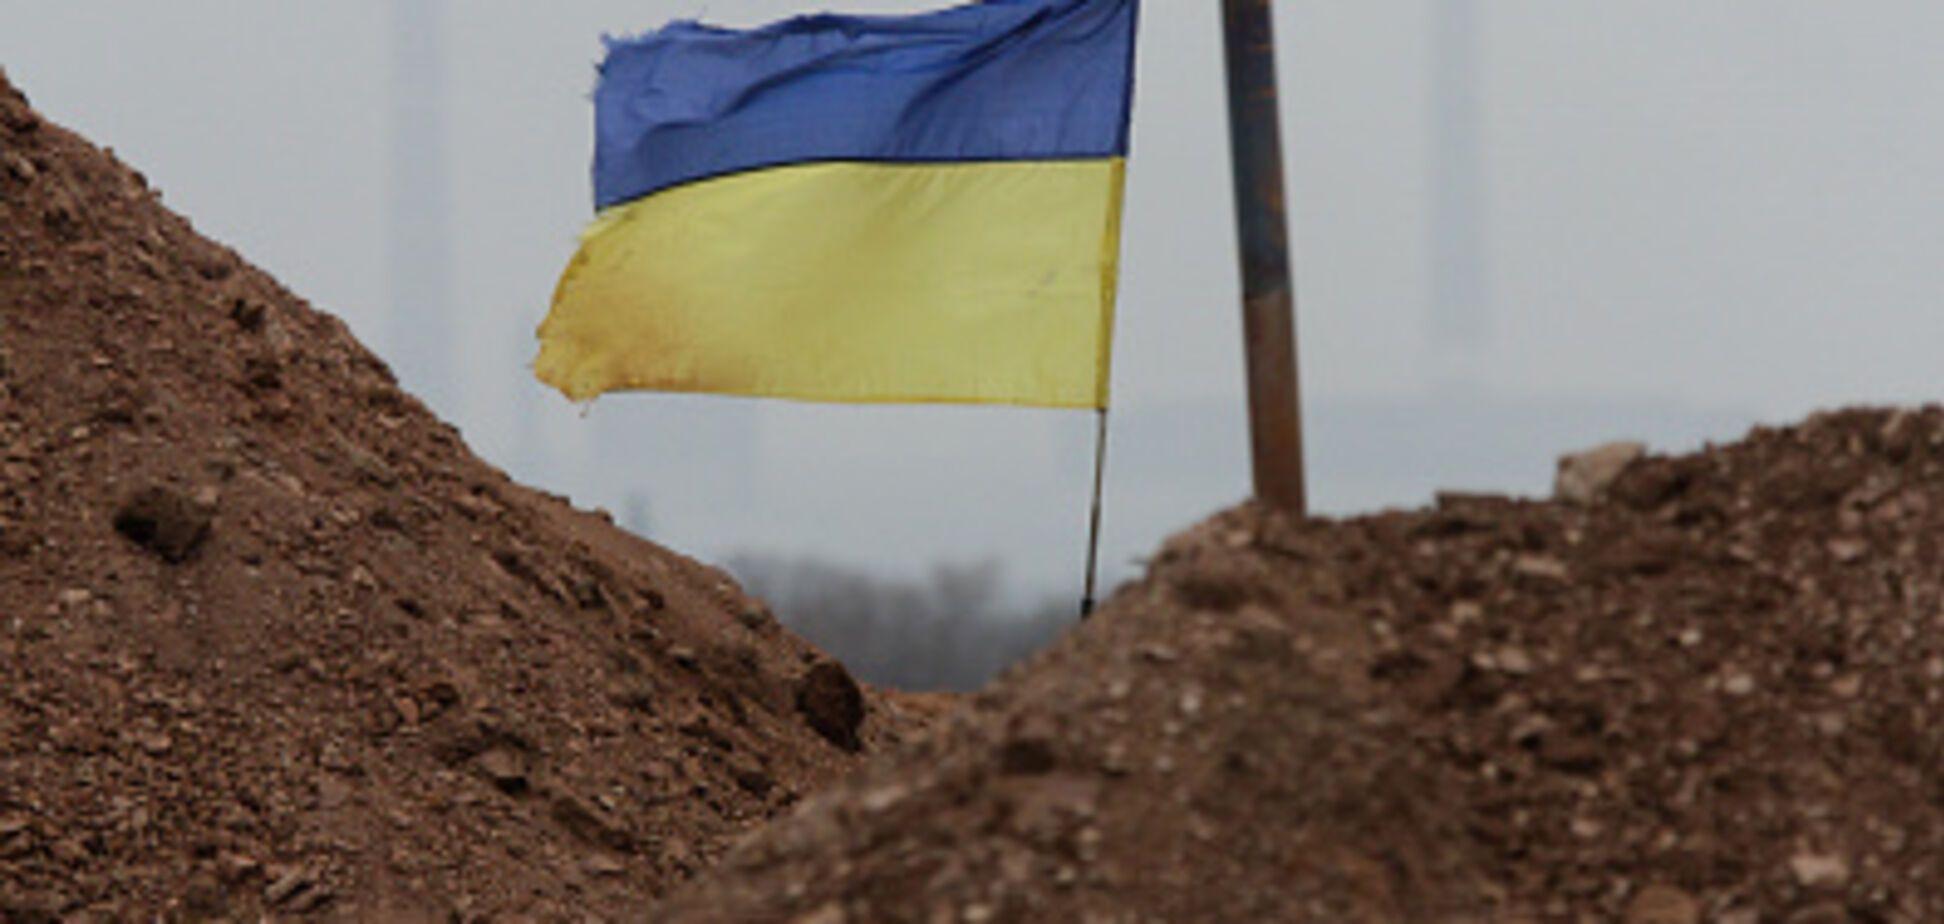 Терористи поранили бійця ЗСУ під Донецьком